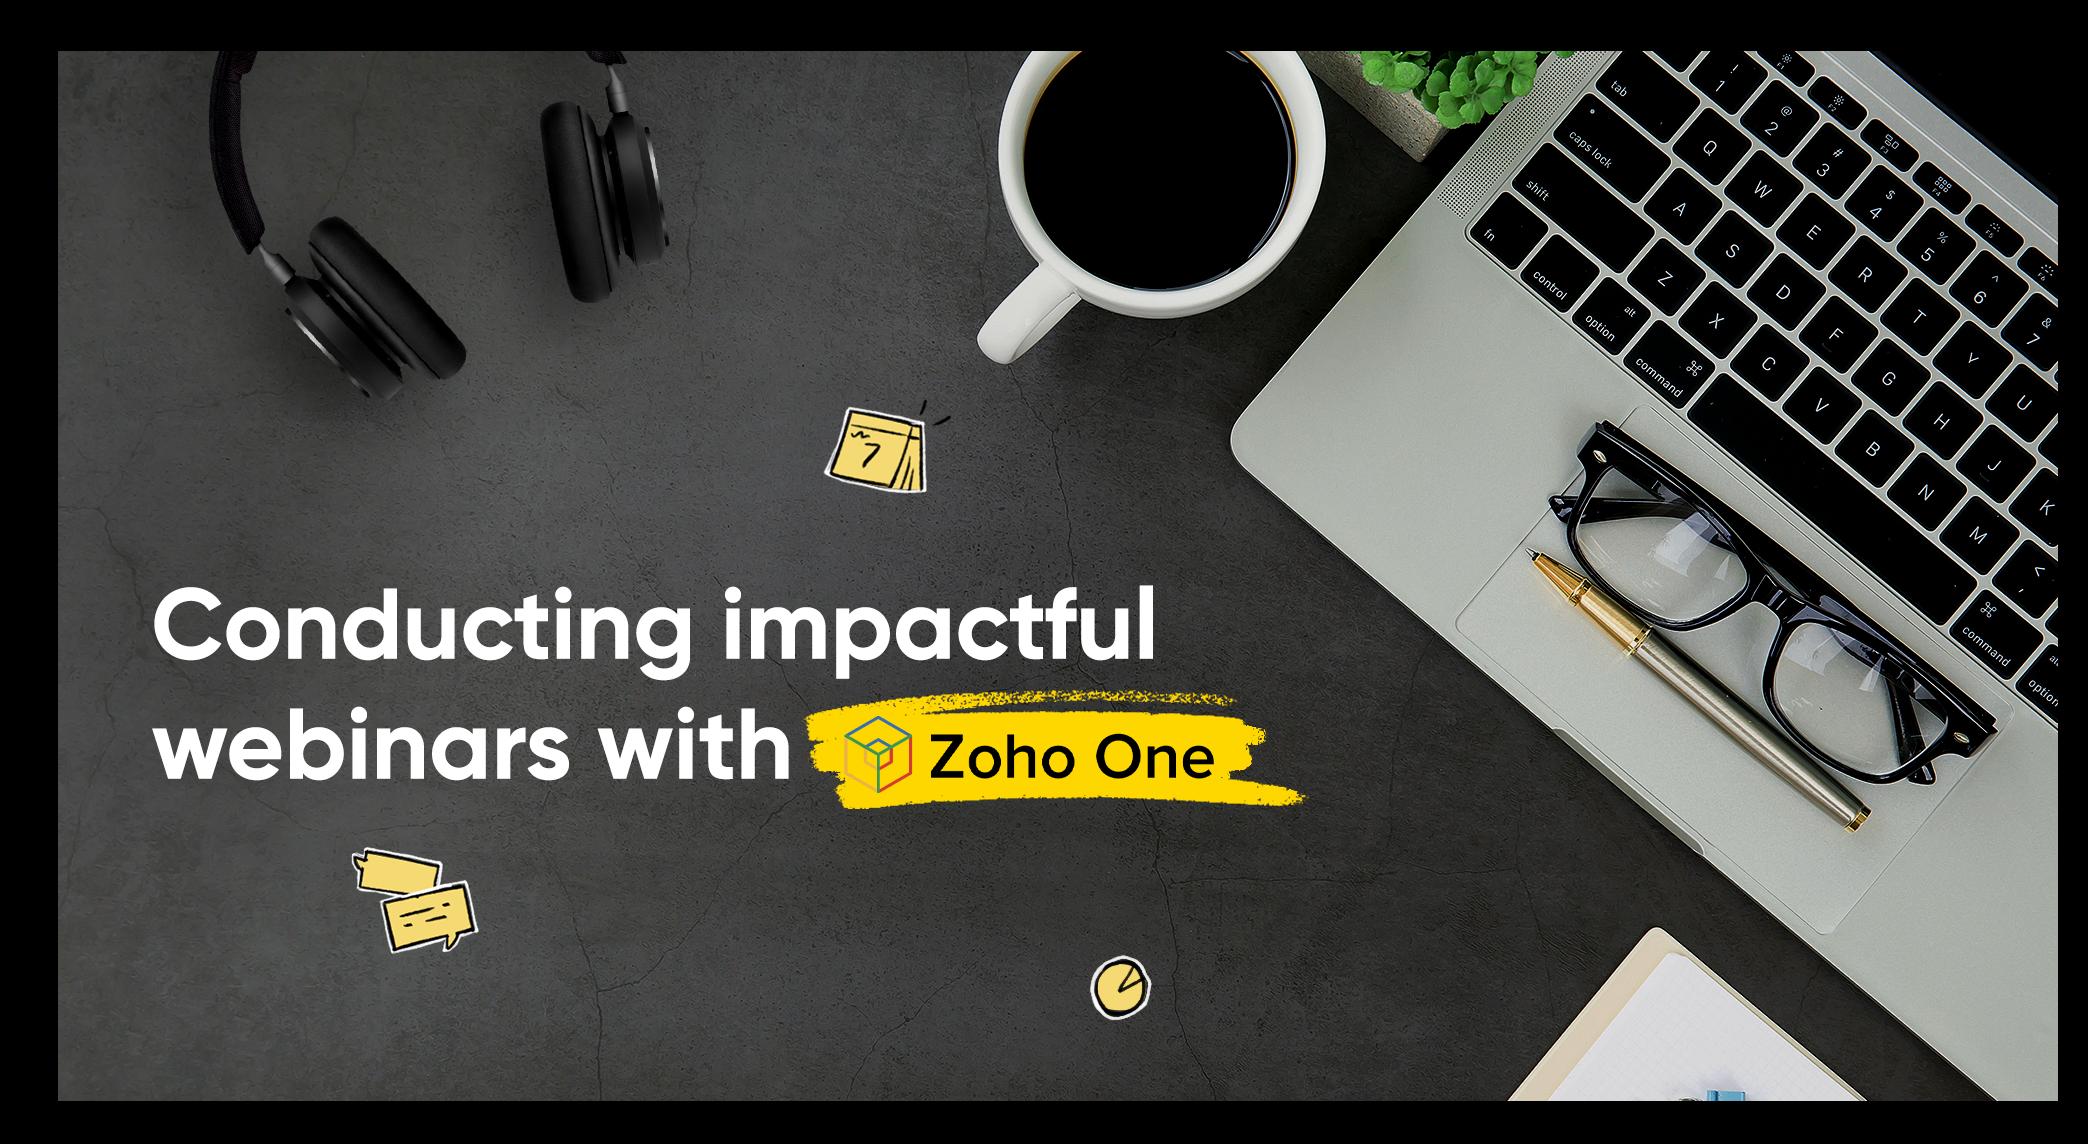 إجراء ندوة مؤثرة عبر الإنترنت باستخدام زوهو وان Zoho One